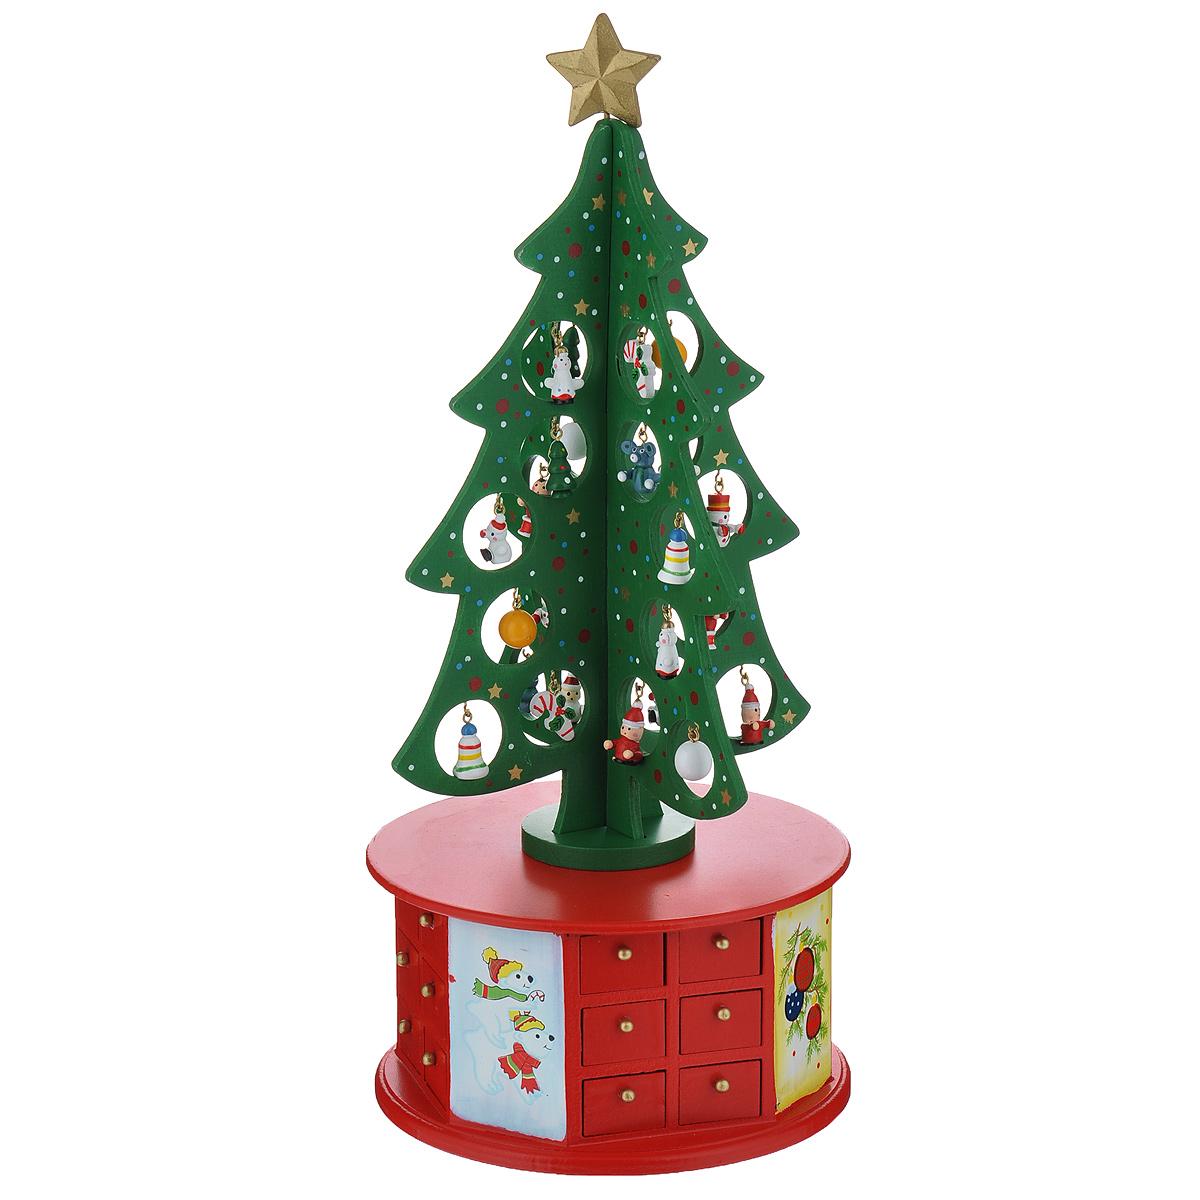 Новогоднее украшение Новогодняя елка, цвет: красный, зеленый. Ф21-2233Ф21-2233Новогоднее украшение, выполненное из дерева, отлично подойдет для декорации вашего дома. Украшение выполнено в виде круглой подставки-шкатулки с выдвигающимися миниатюрными ящичками, сверху которой установлена зеленая елка украшенная новогодними игрушками и верхушкой-звездой желтого цвета. Подставка-шкатулка оформлена рисунками белых медведей и новогодних шаров. Новогодние украшения всегда несут в себе волшебство и красоту праздника. Создайте в своем доме атмосферу тепла, веселья и радости, украшая его всей семьей.